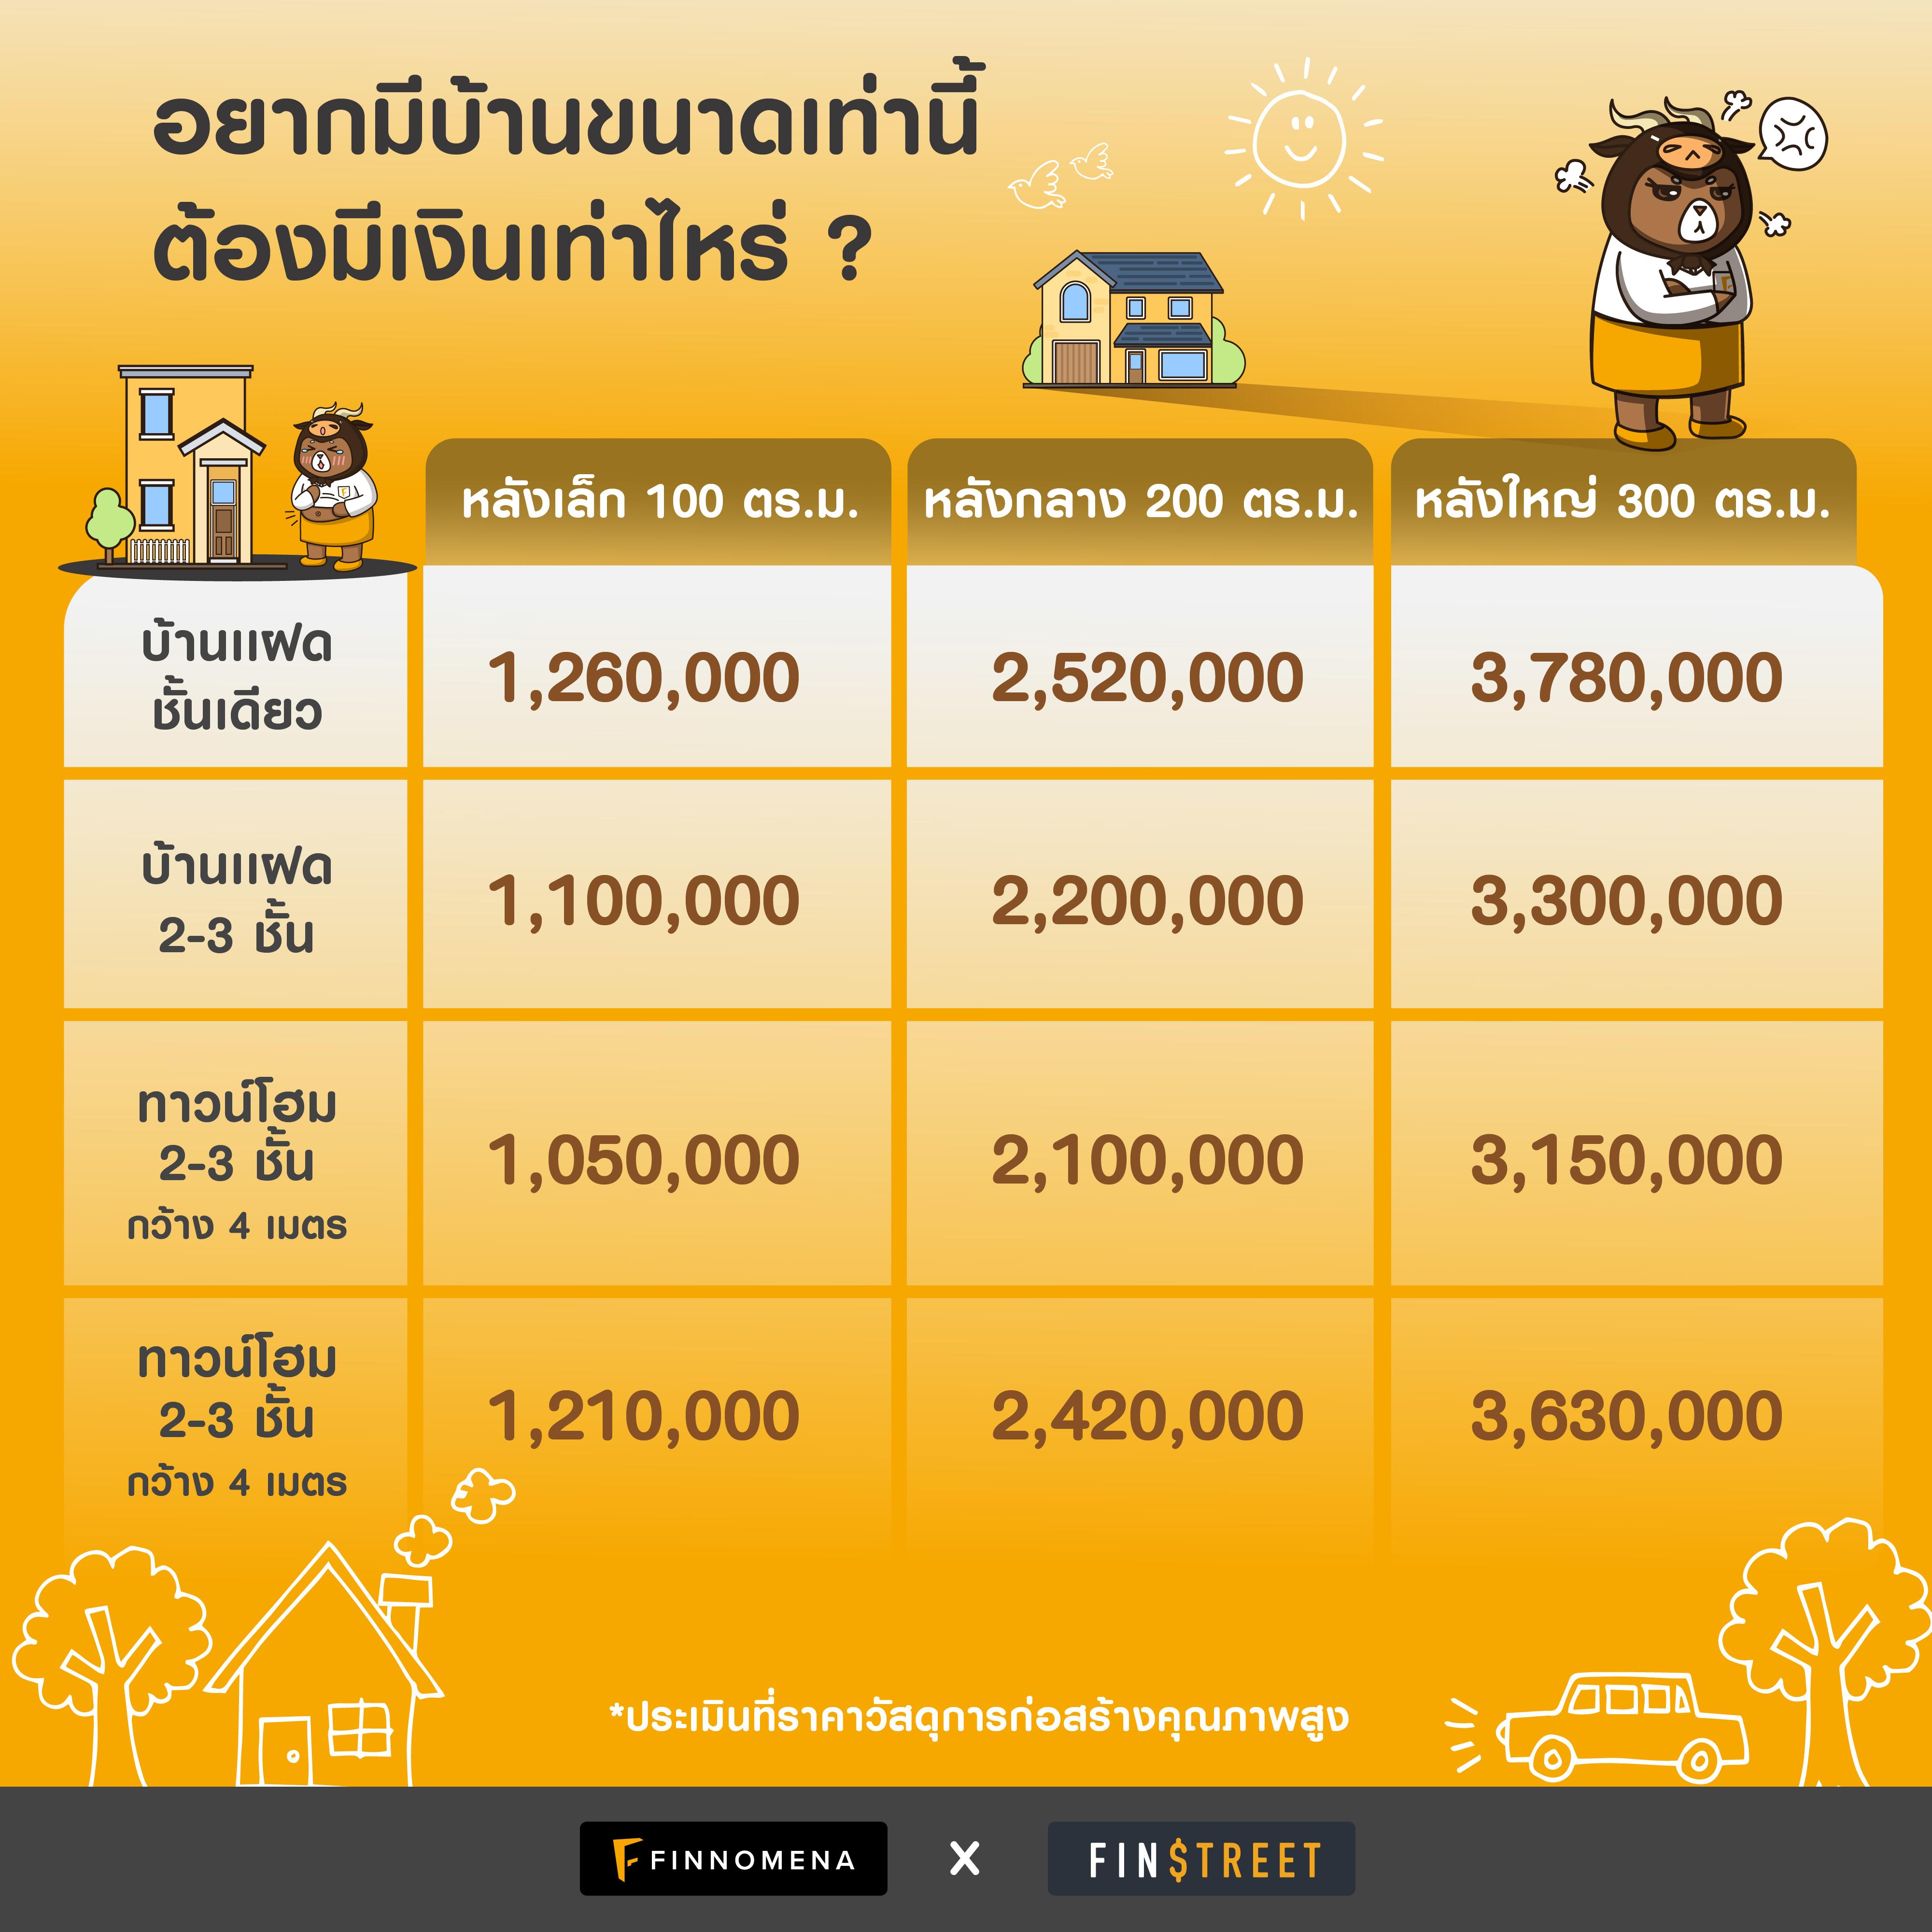 อยากมีบ้านขนาดเท่านี้ ต้องมีเงินเท่าไหร่?